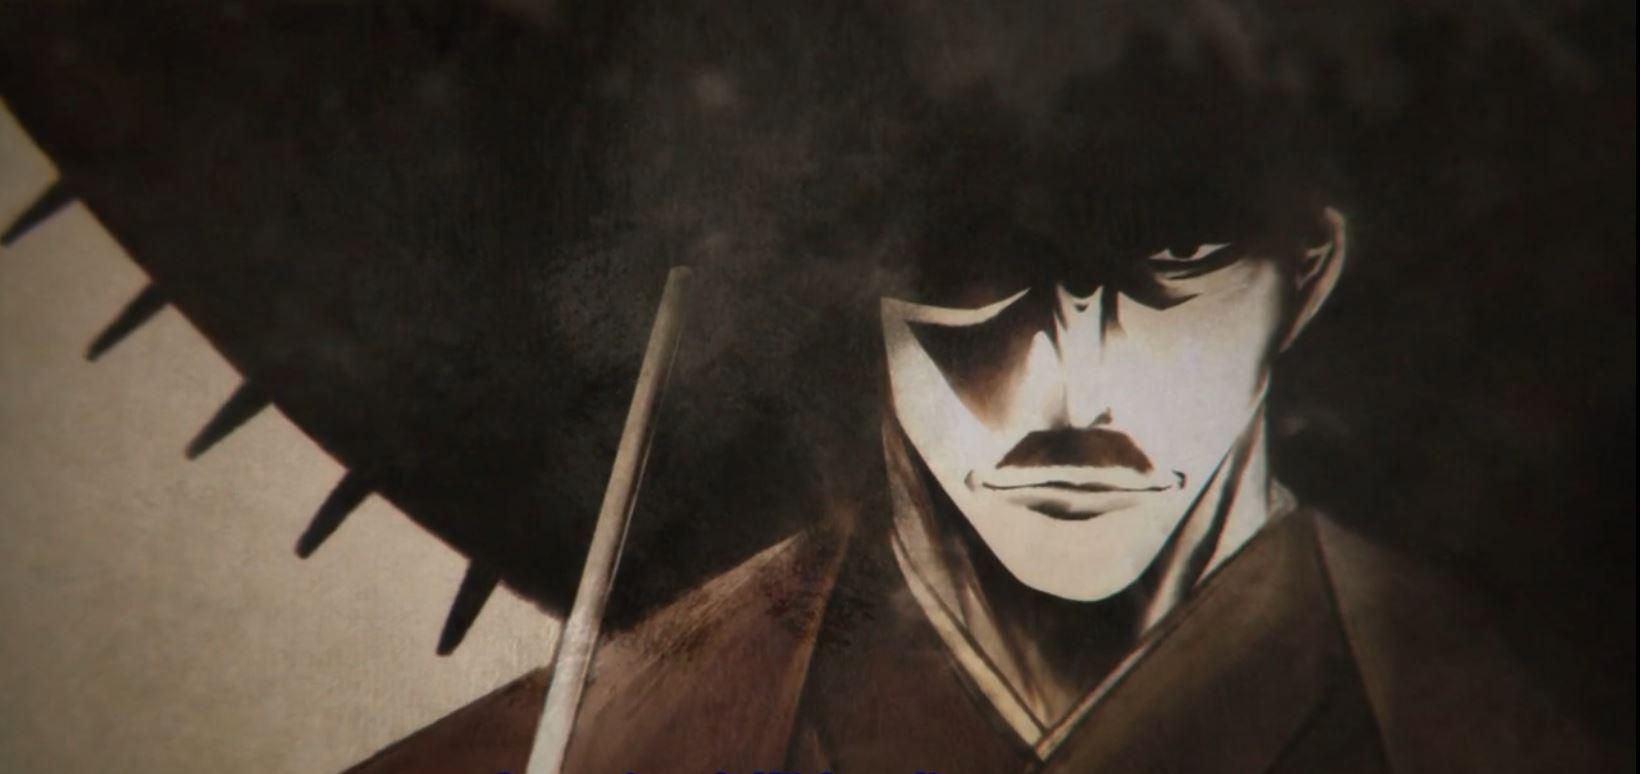 Jujutsu Kaisen Episodio 24